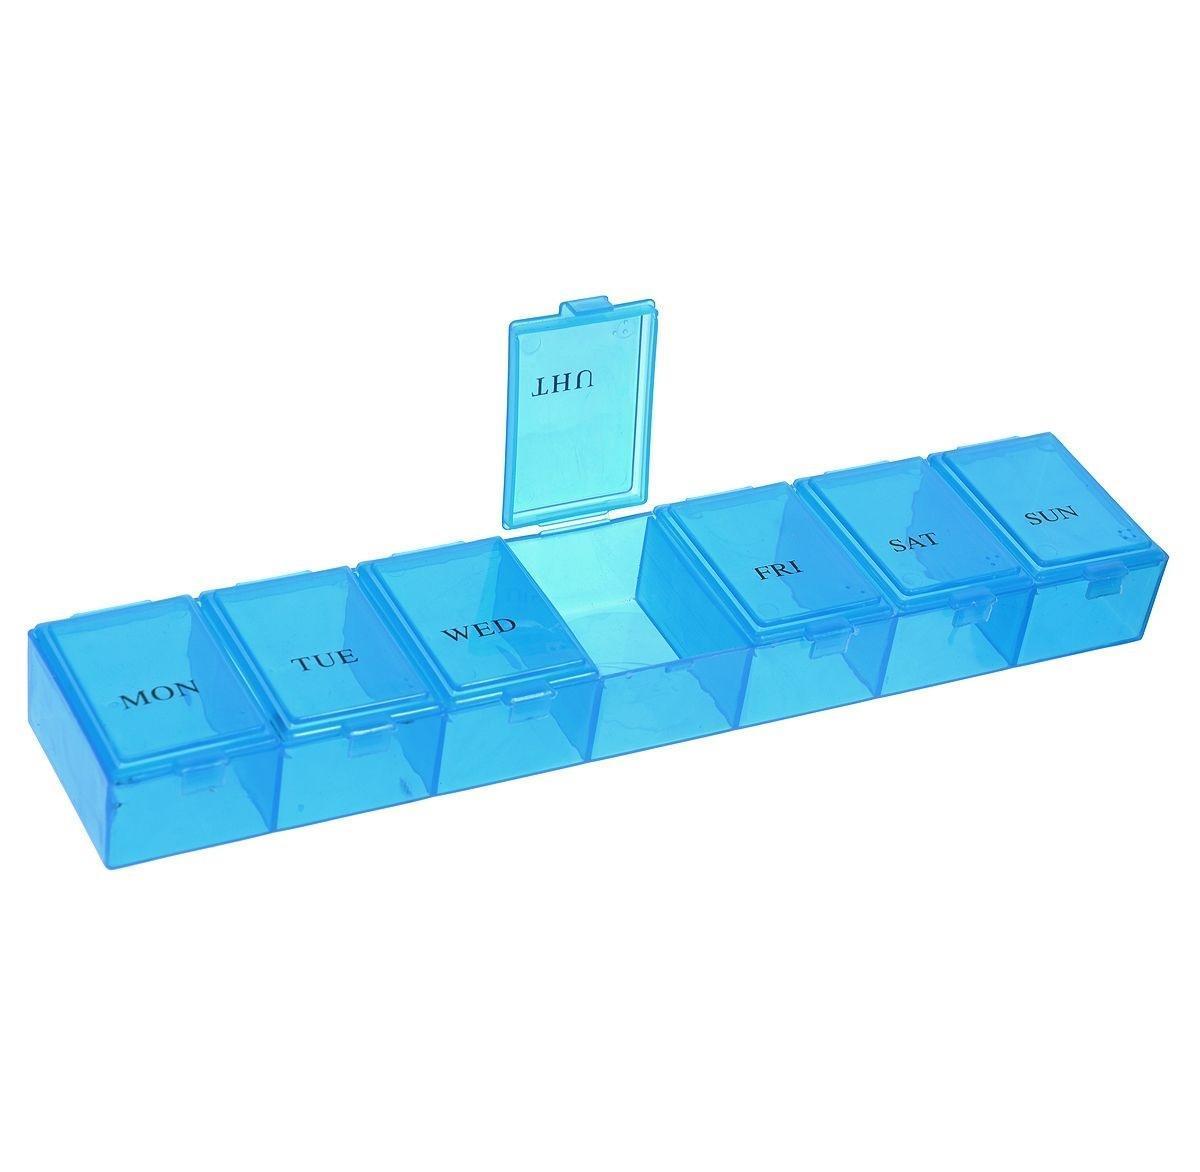 Таблетница Hobby & Pro, 23 х 4,7 х 3 см. 7704286Z-0307Контейнер для таблеток с 7 отделениями на каждый день недели.